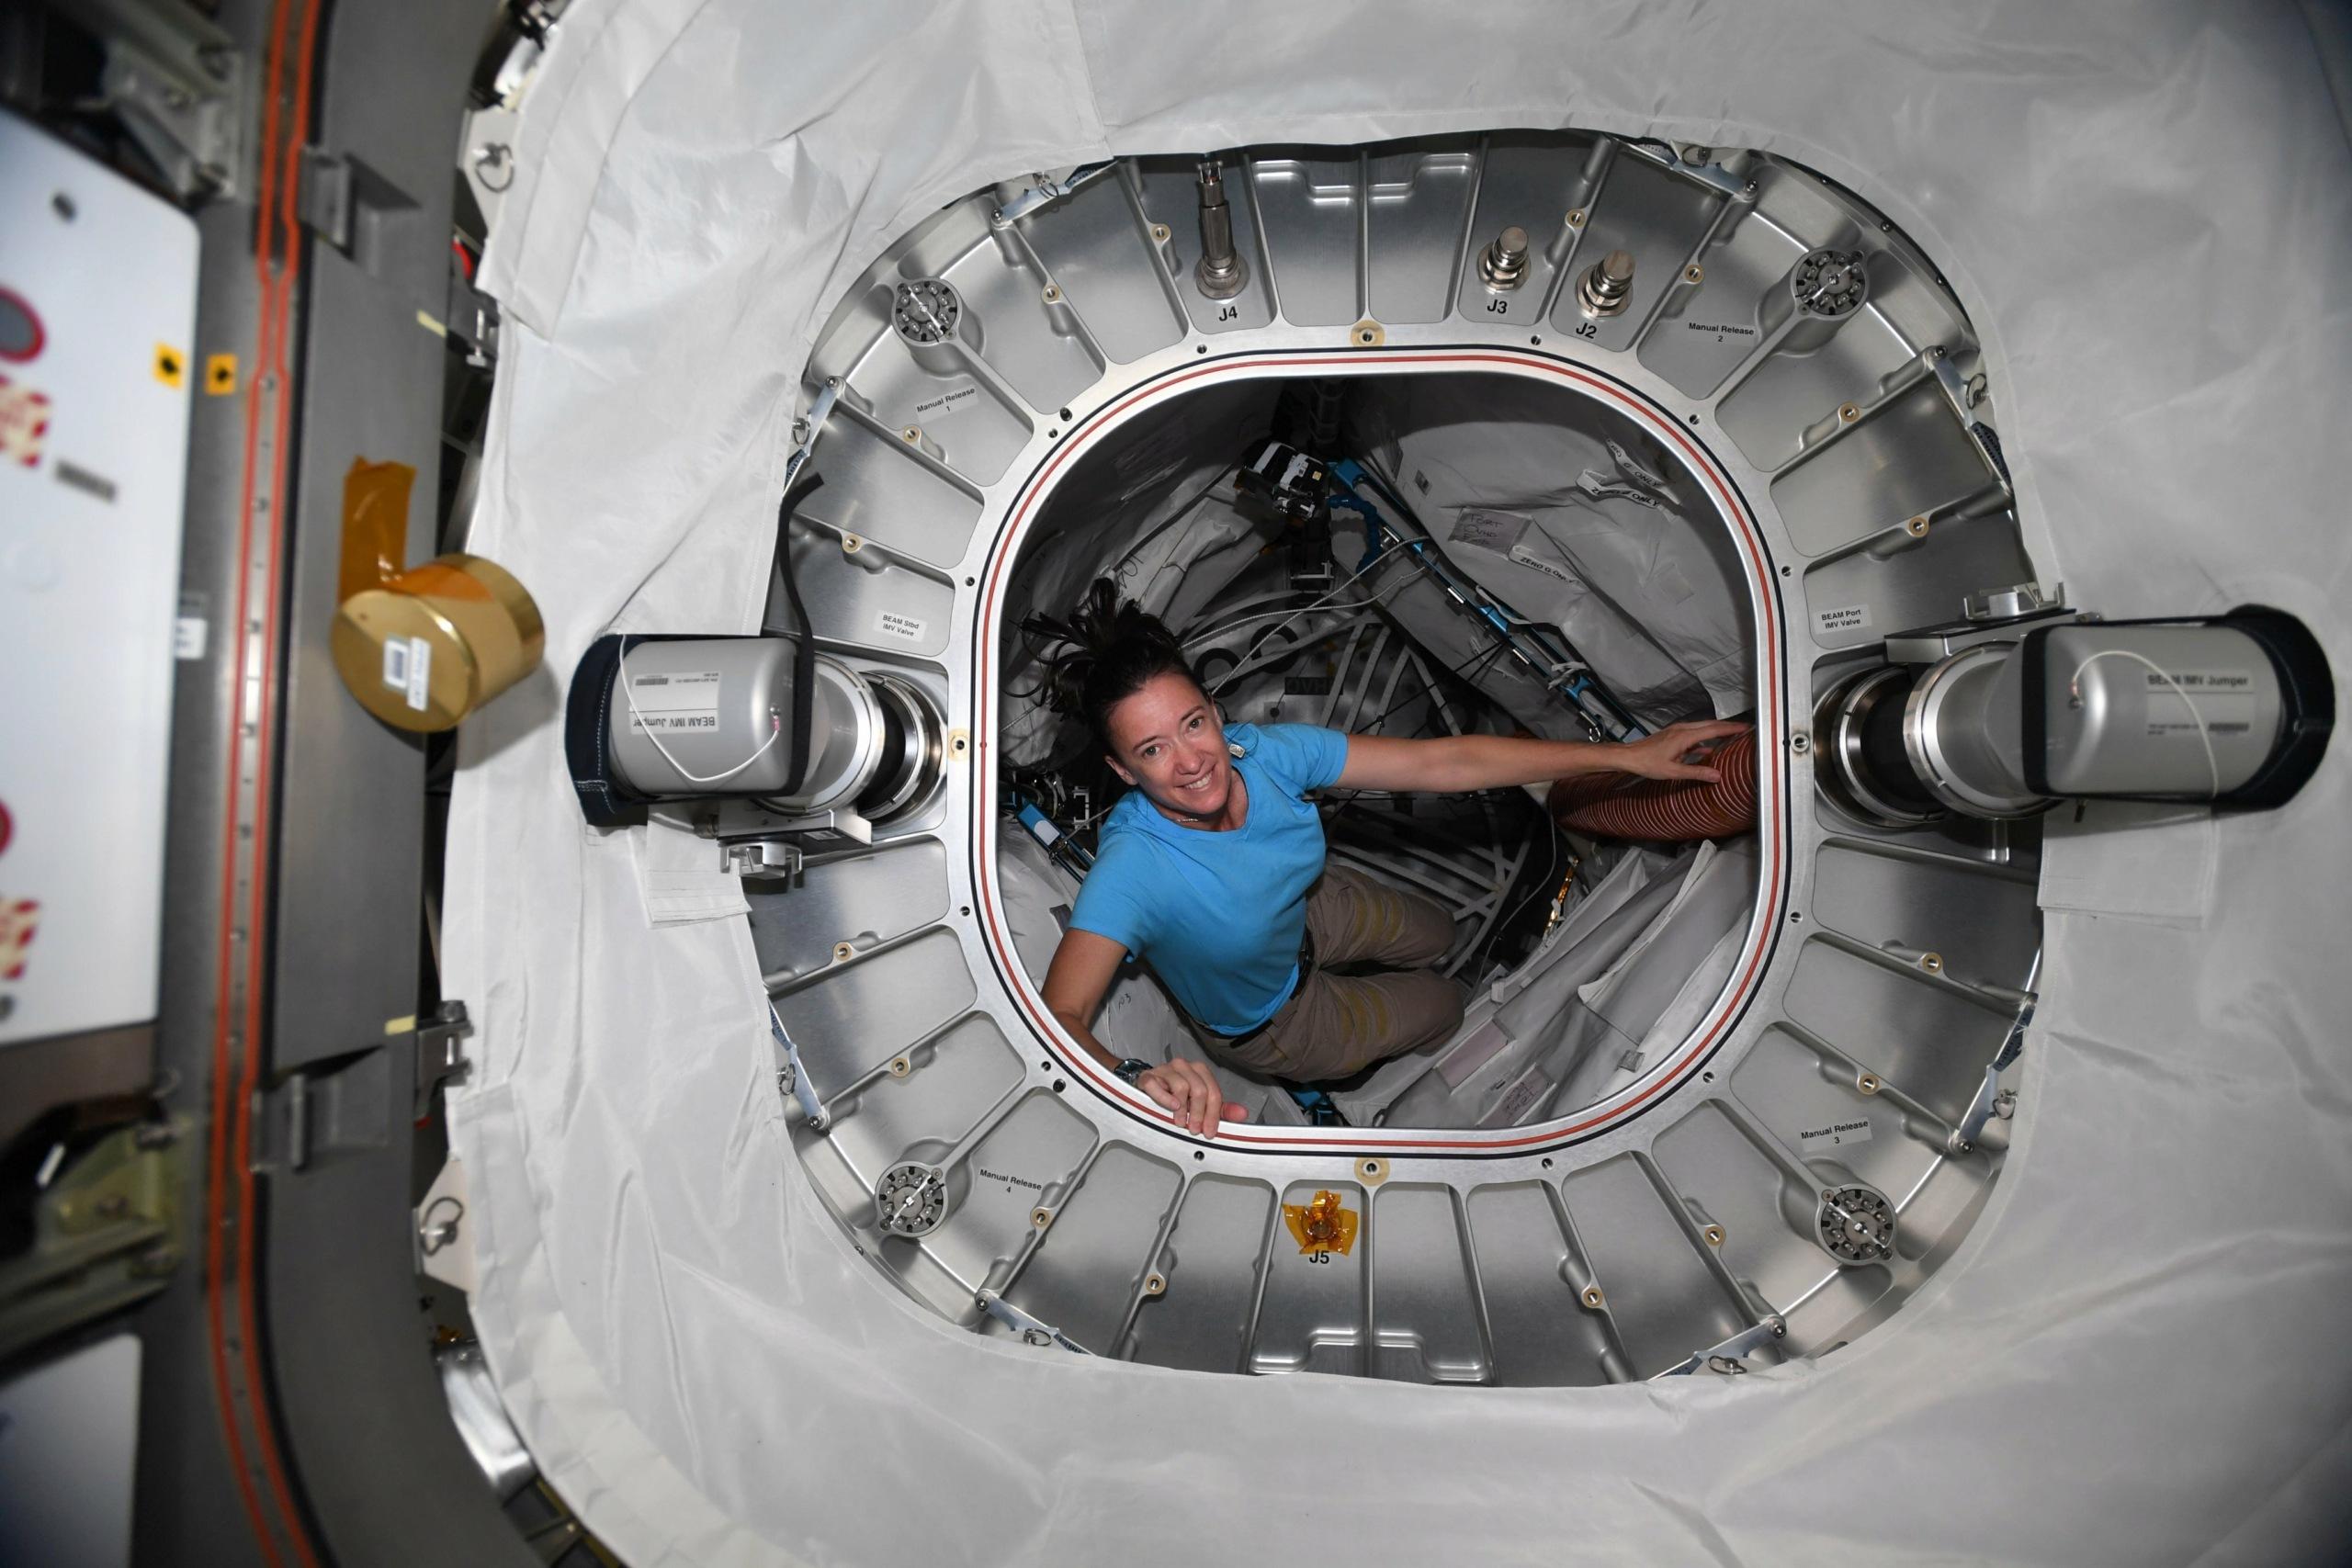 [ISS] Installation et suivi du module BEAM (Bigelow Expandable Activity Module)  - Page 10 11977